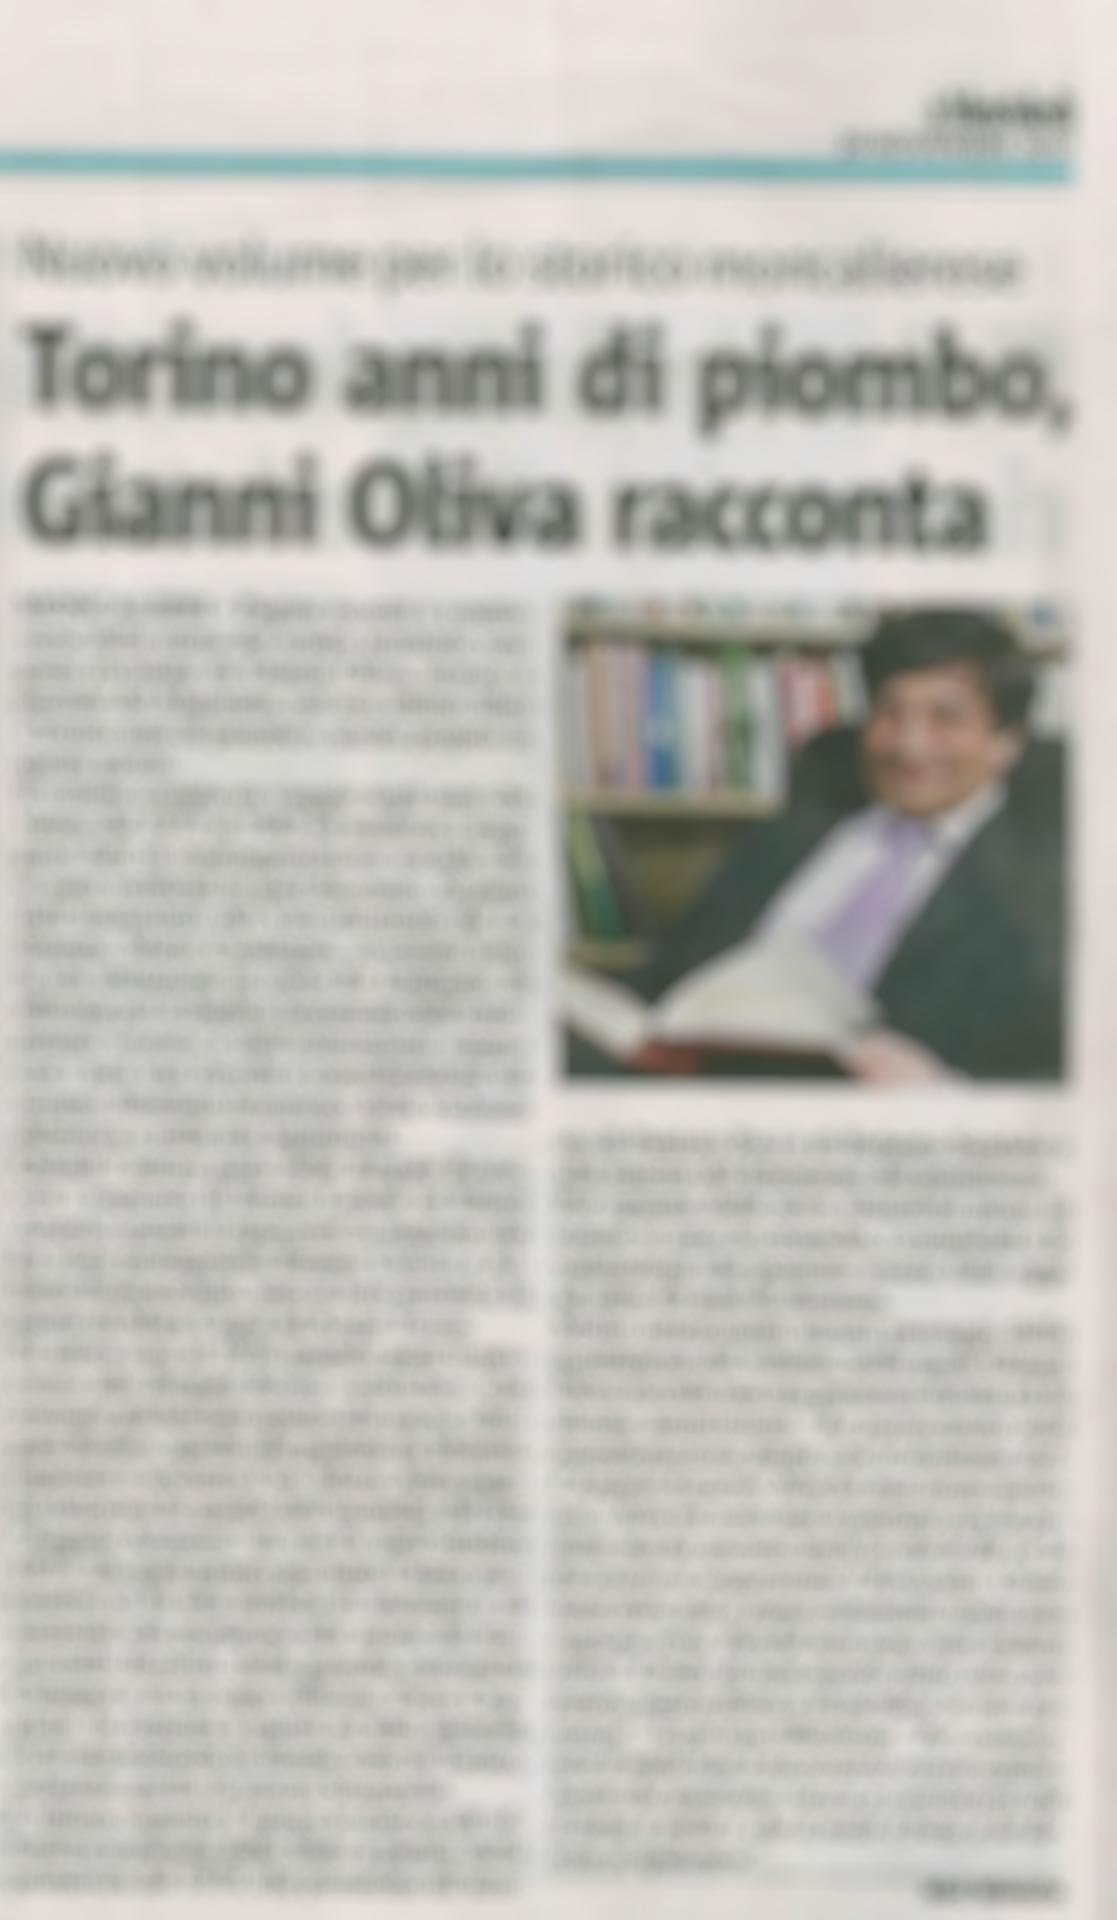 Torino anni di piombo su La Stampa e Il Mercoledì